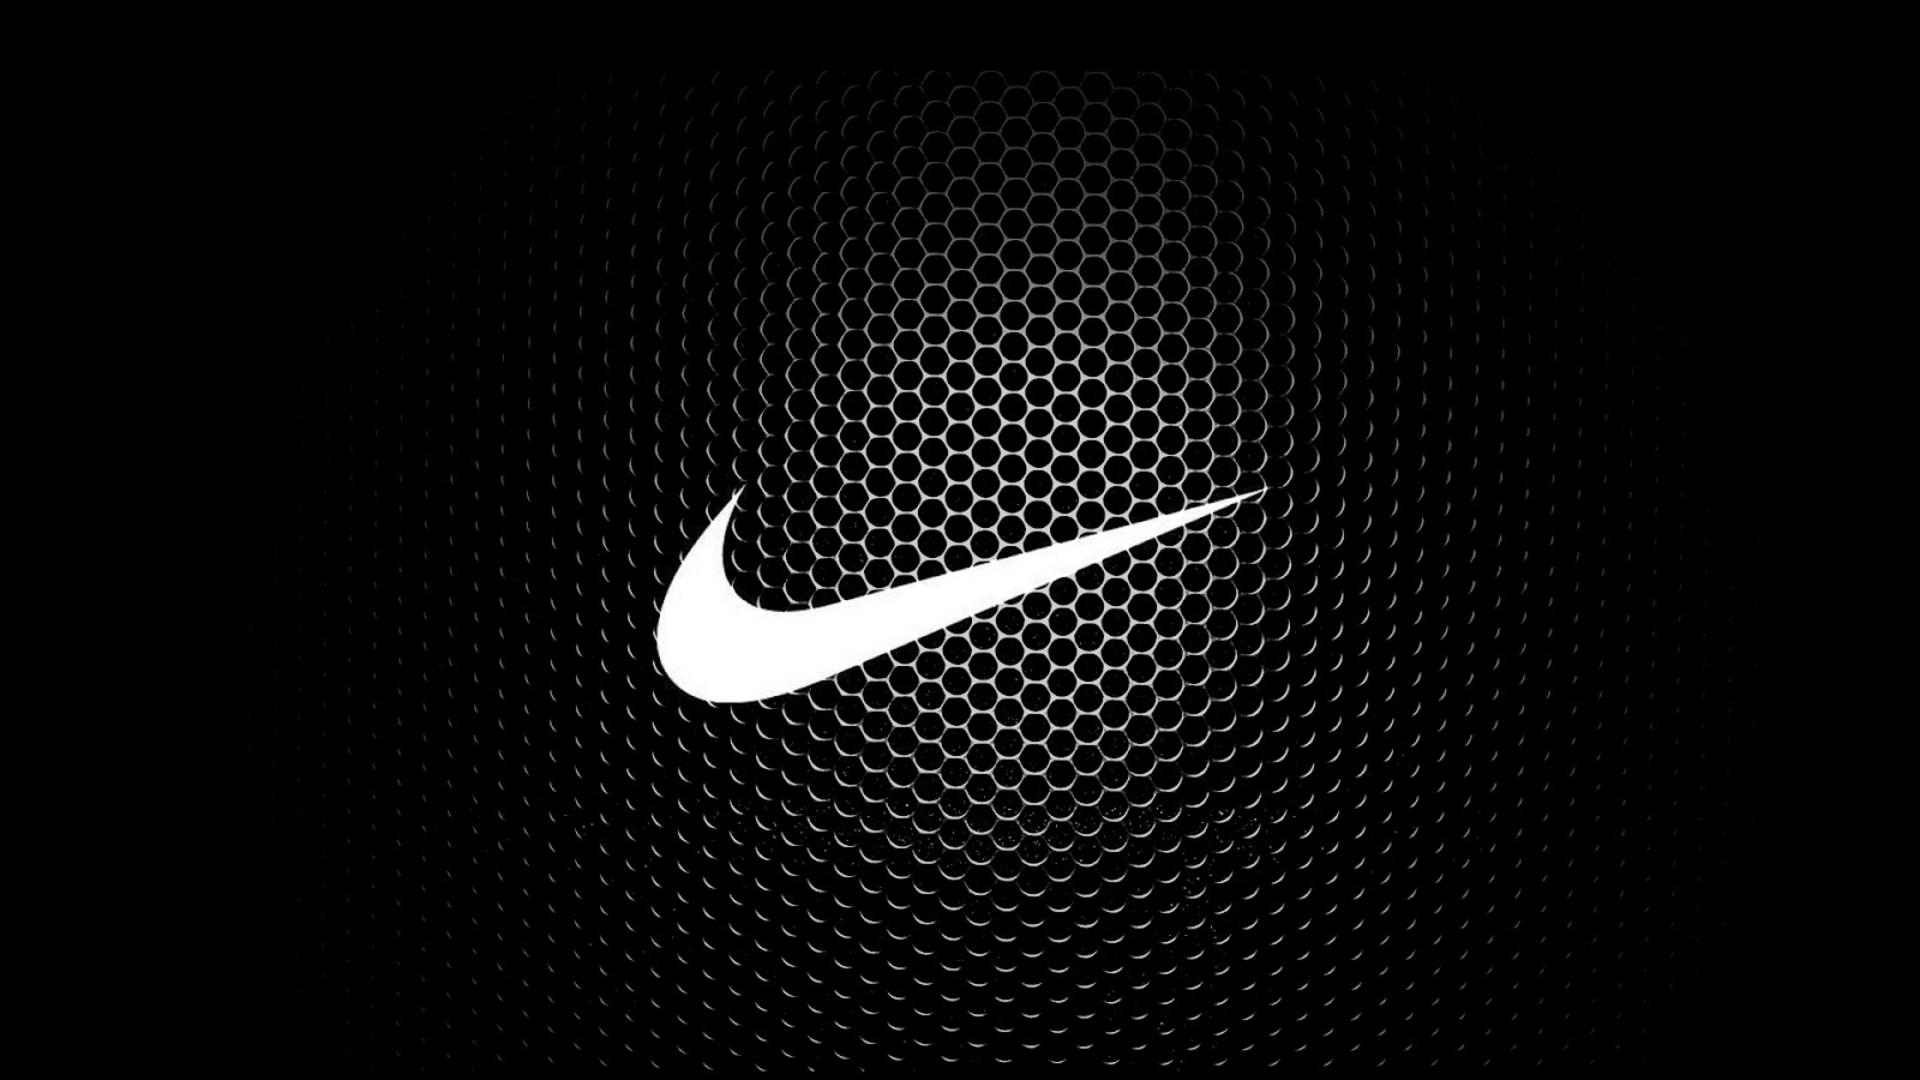 Nike logo wallpaper hd white